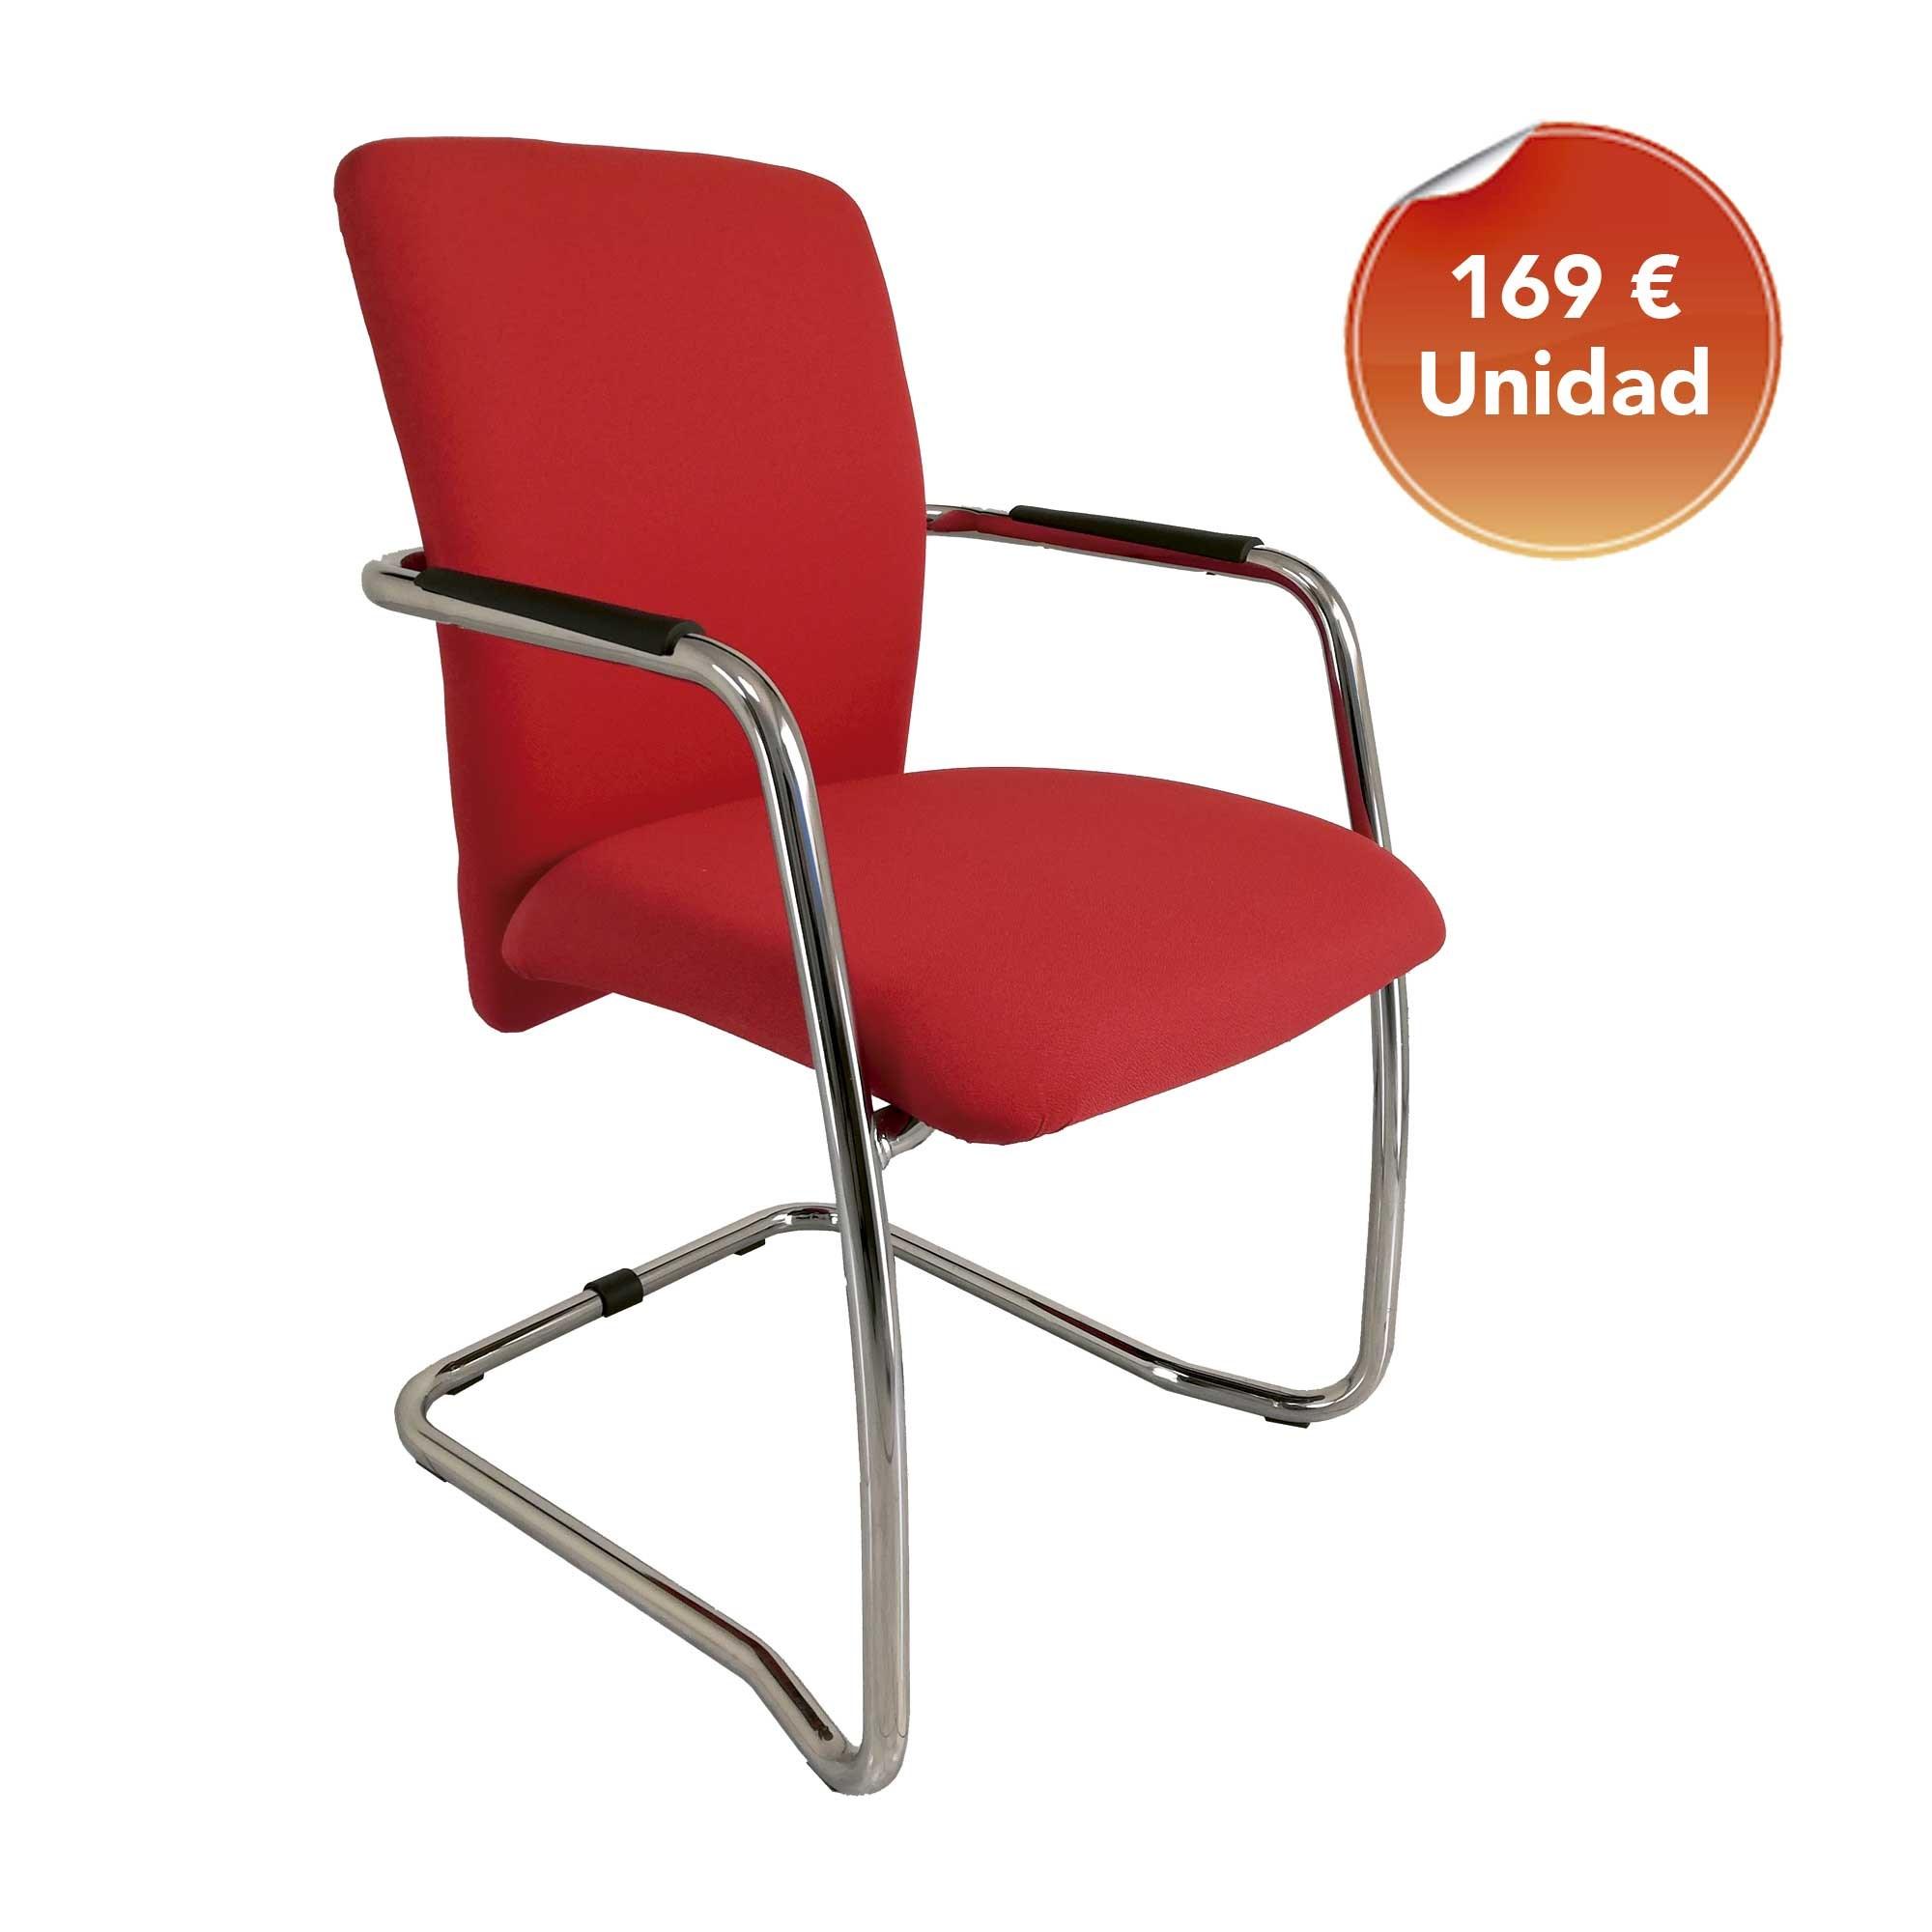 Sillas confidentes, sillas de reunión